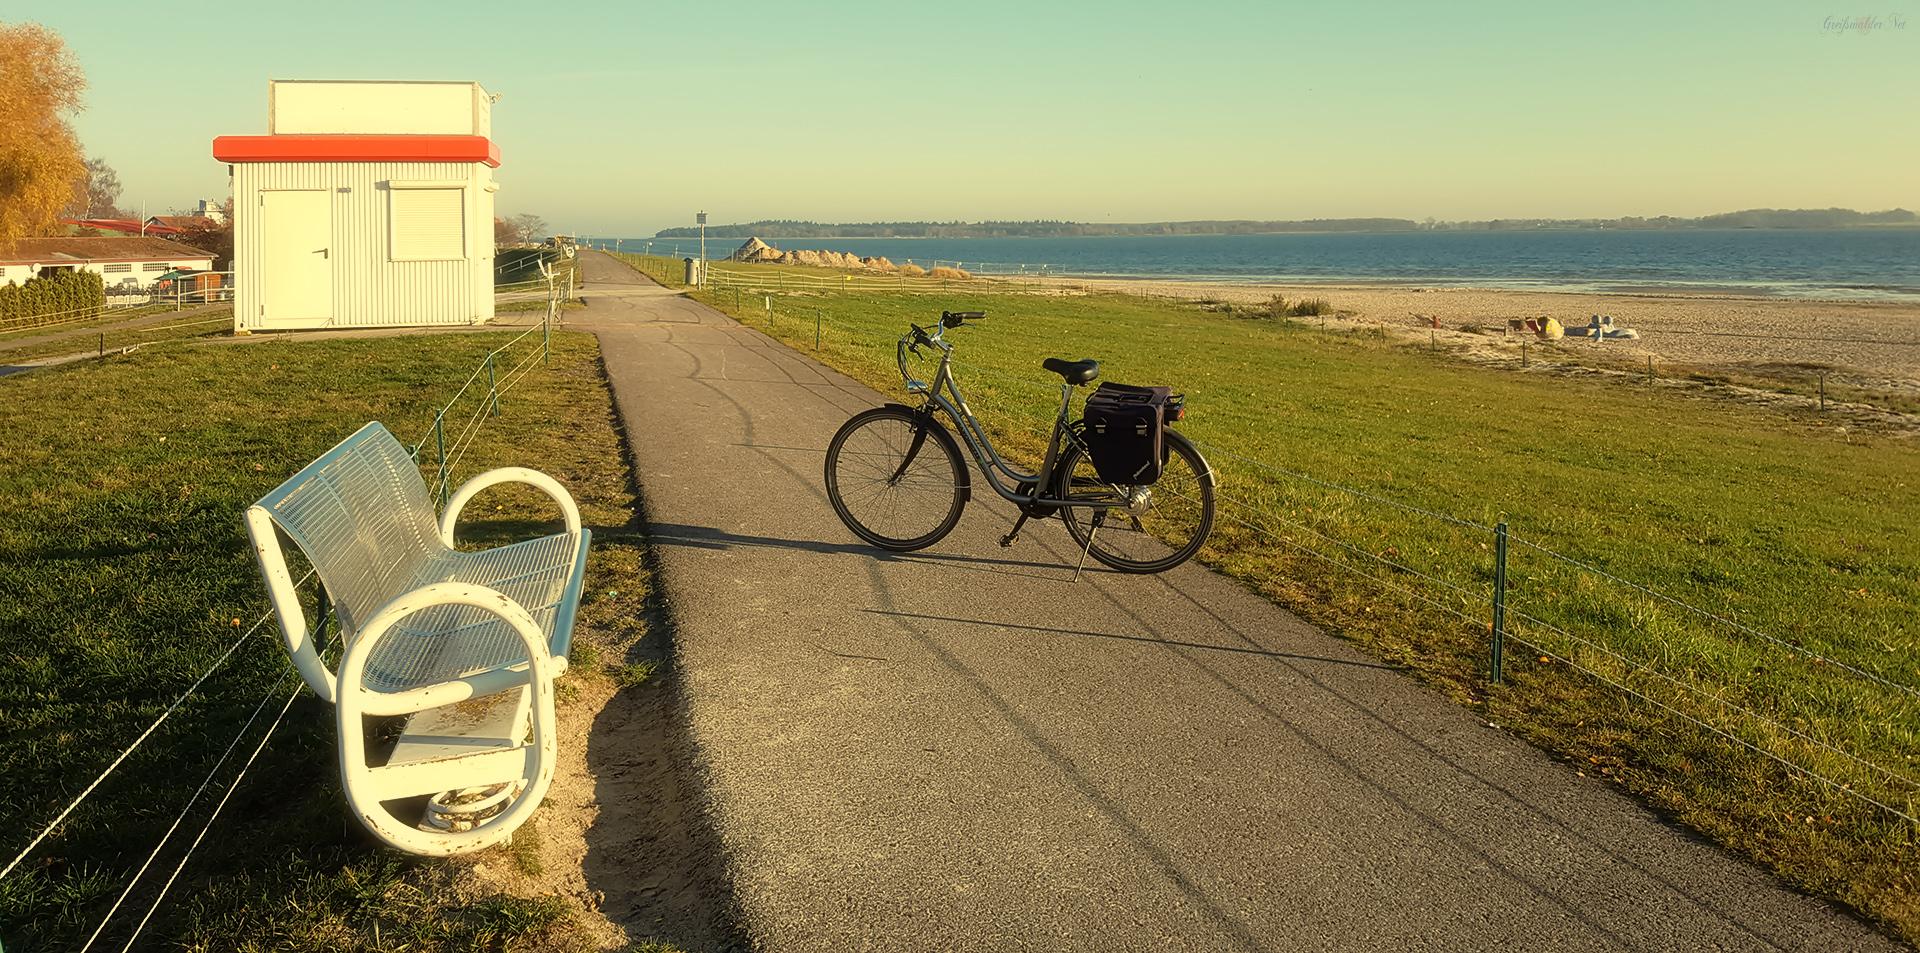 Deich am Strand in Greifswald-Eldena in der Herbstsonne